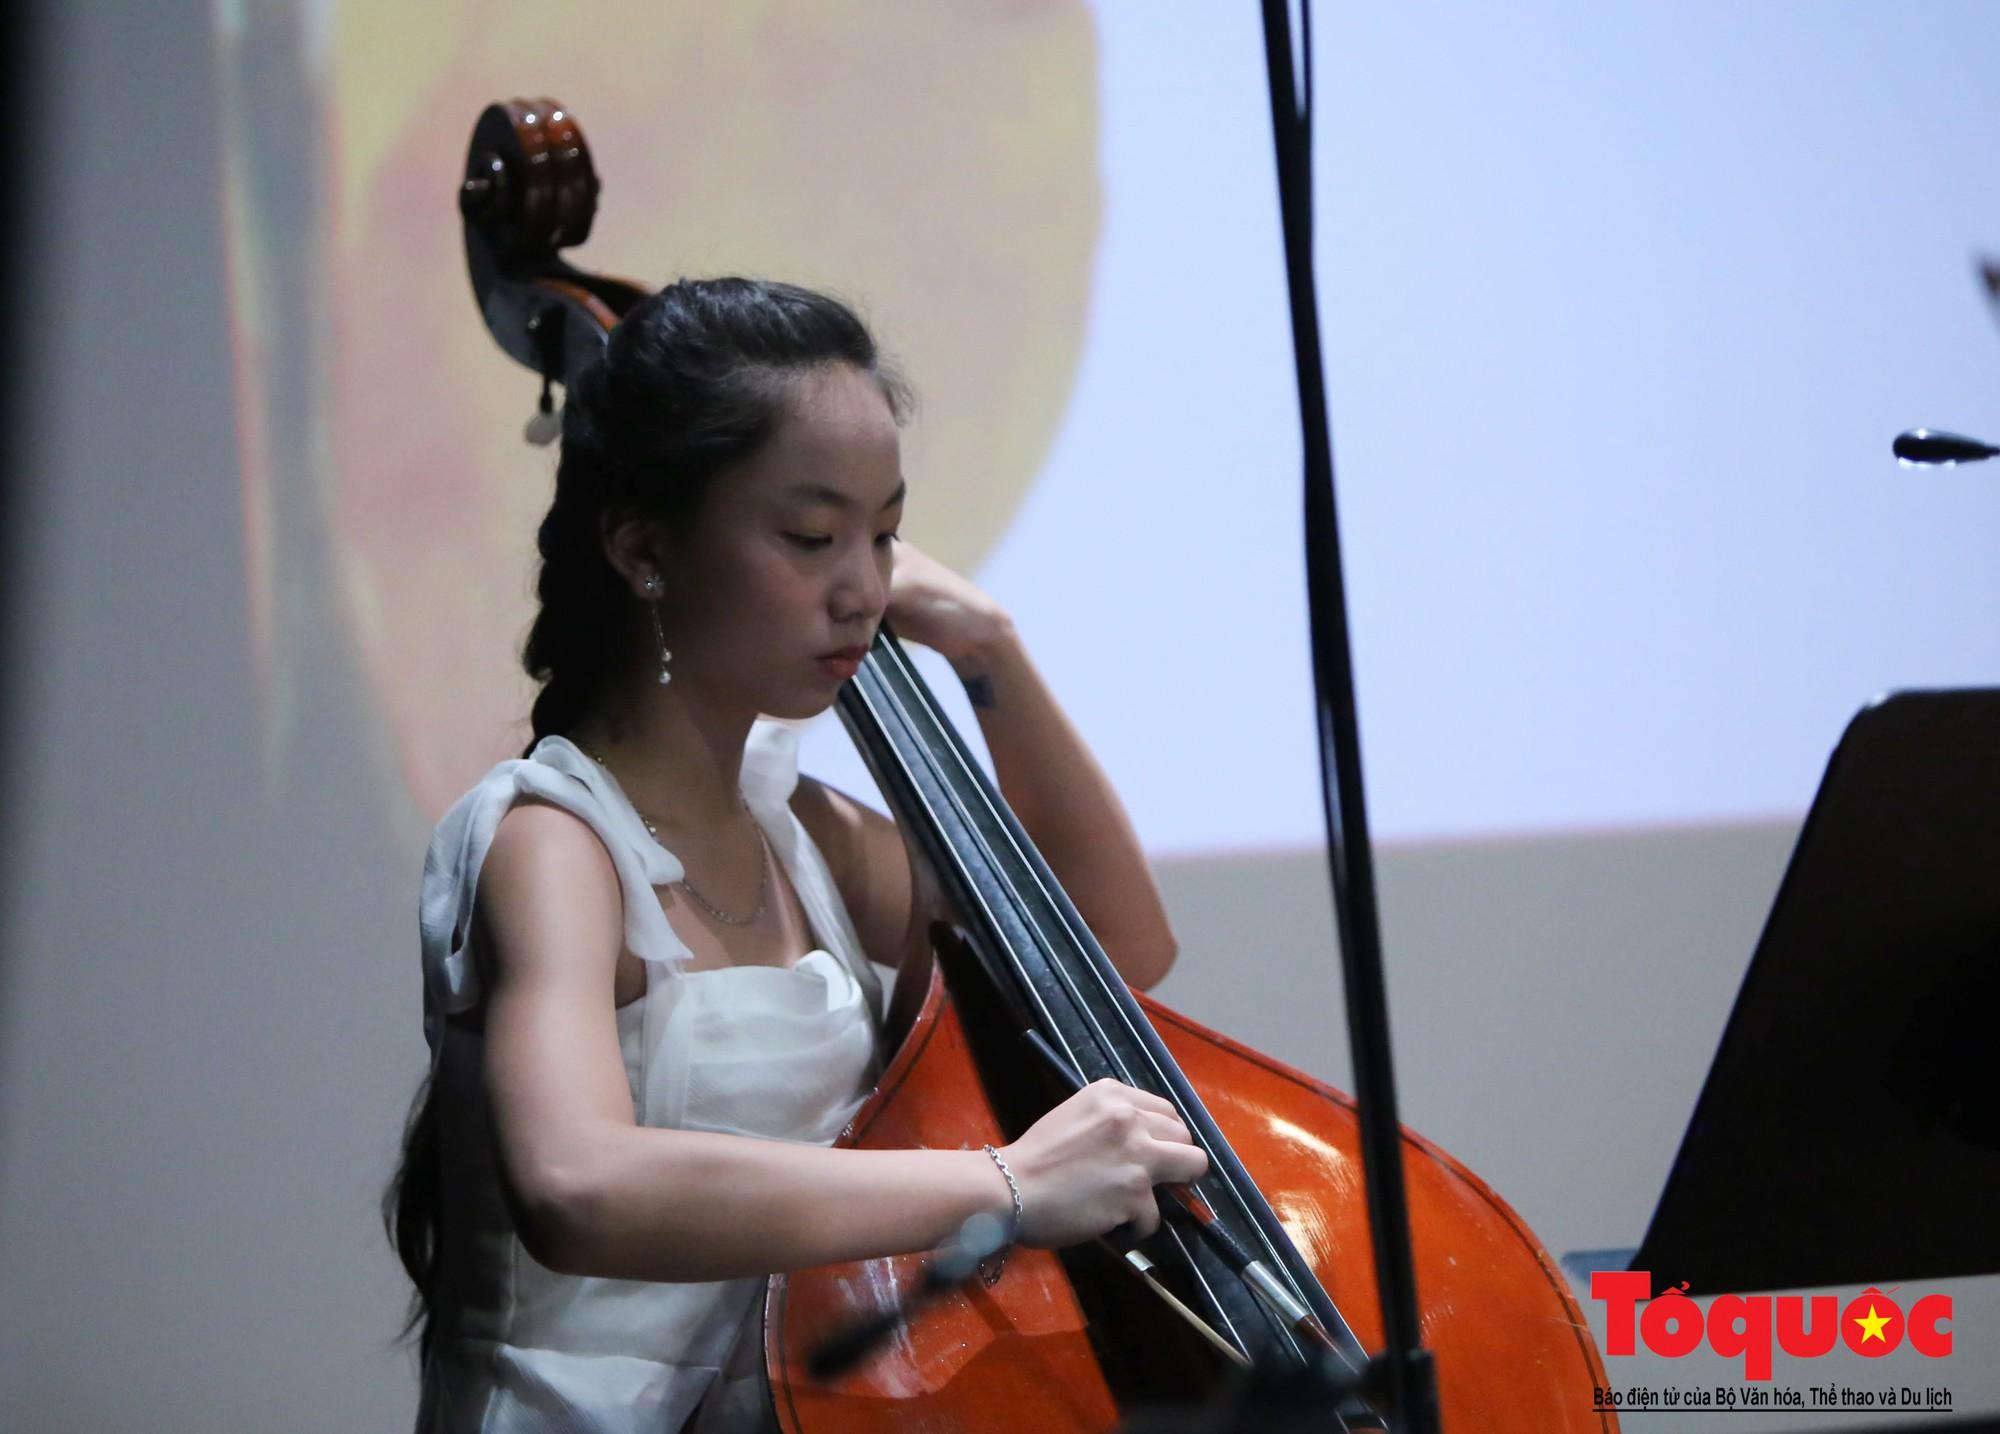 Dàn nhạc giao hưởng nhí đầu tiên của Việt Nam biểu diễn gây quỹ từ thiện (8)